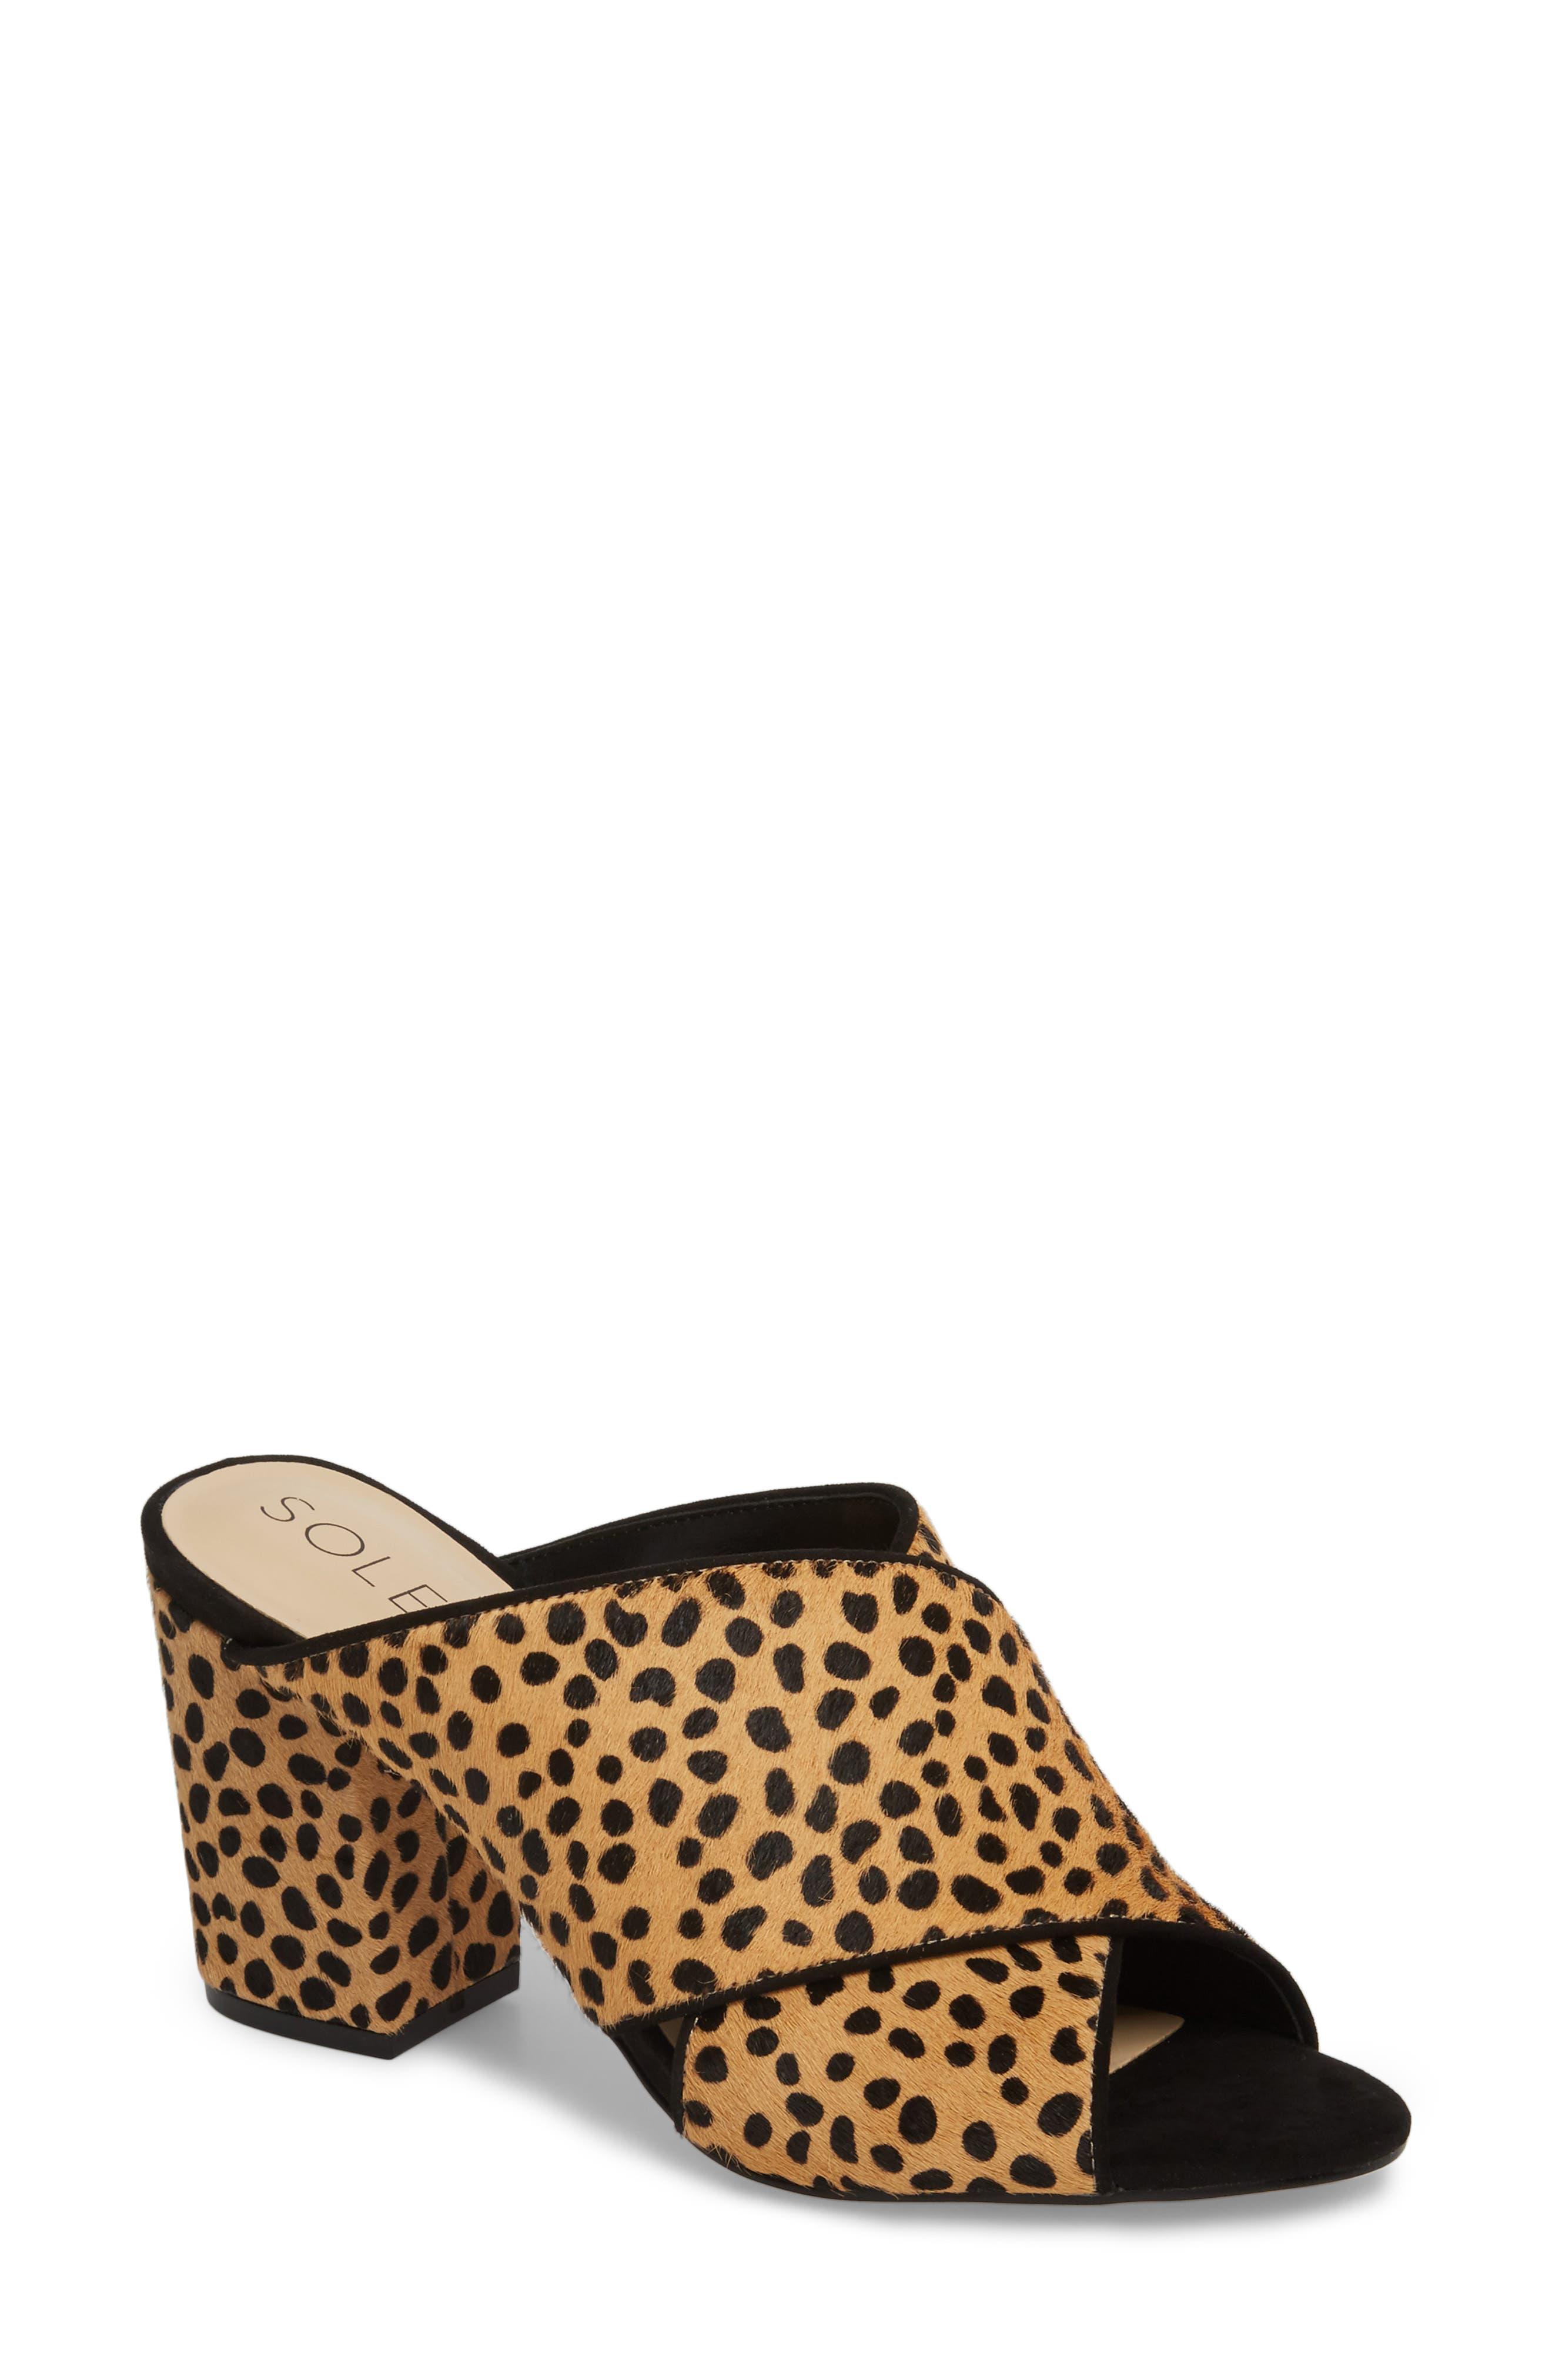 Luella Genuine Calf Hair Slide,                             Main thumbnail 1, color,                             Cheetah Dot Haircalf